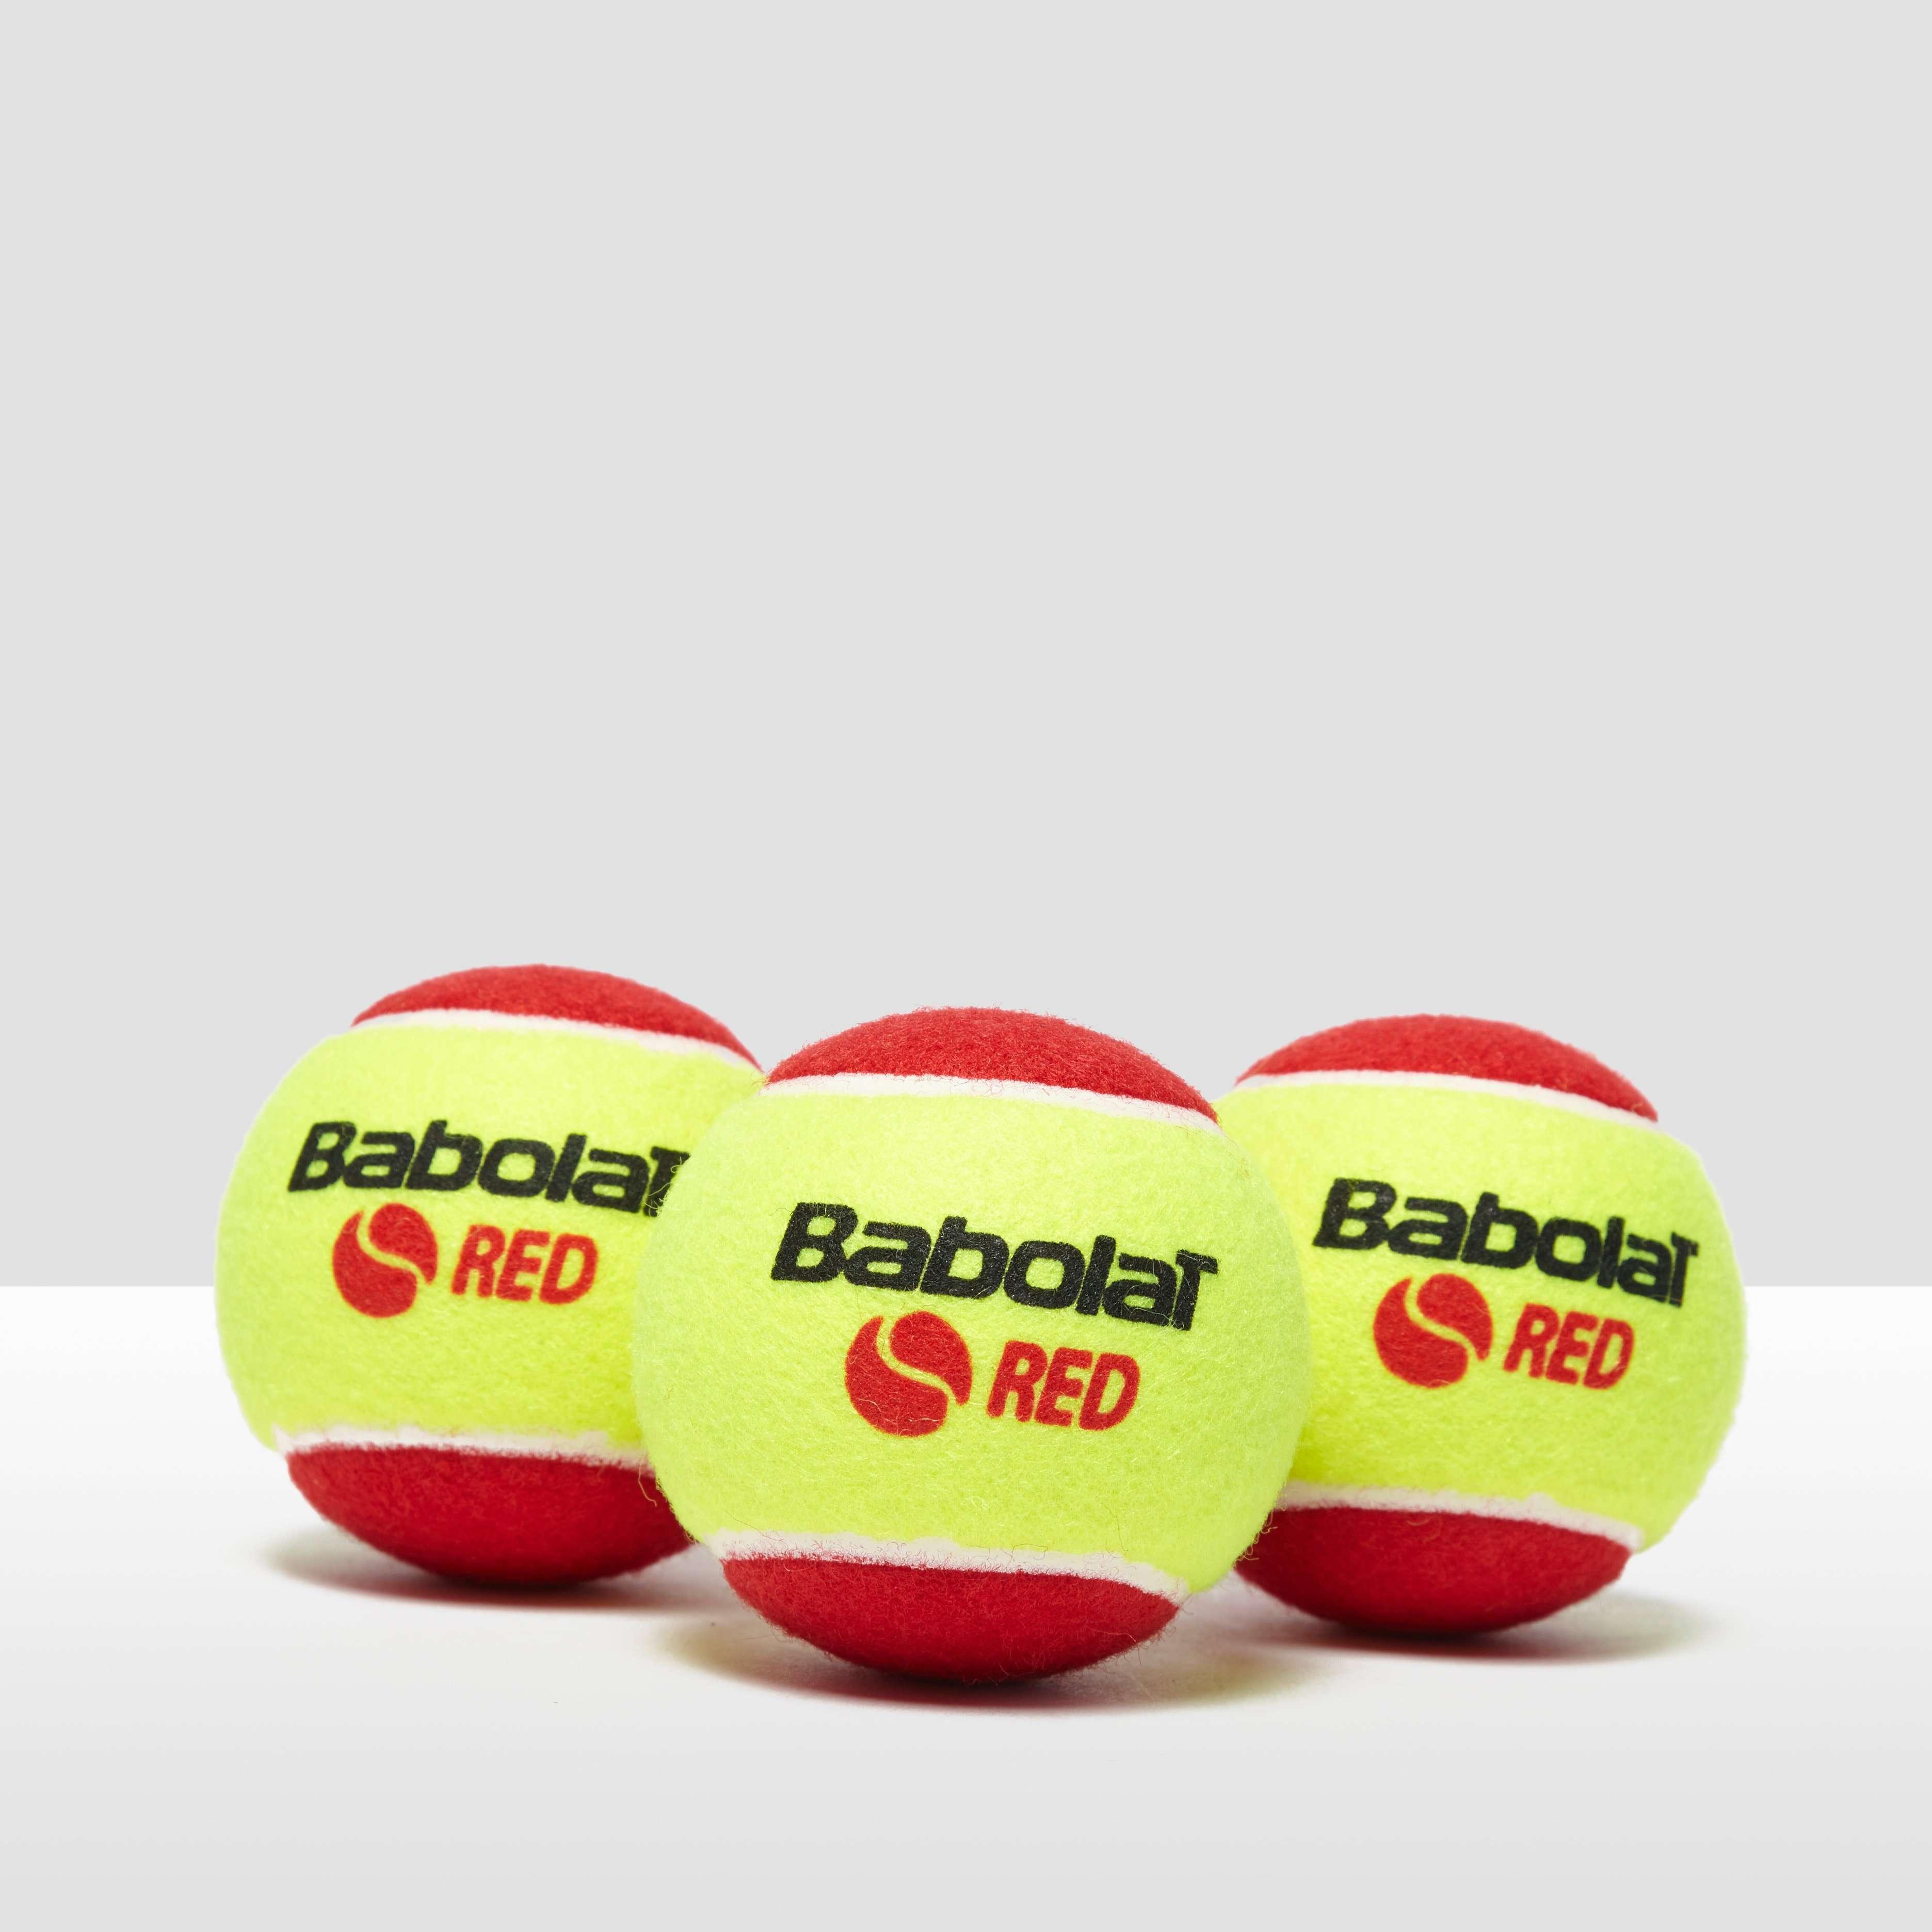 Babolat Red Felt x3 Tennis Balls